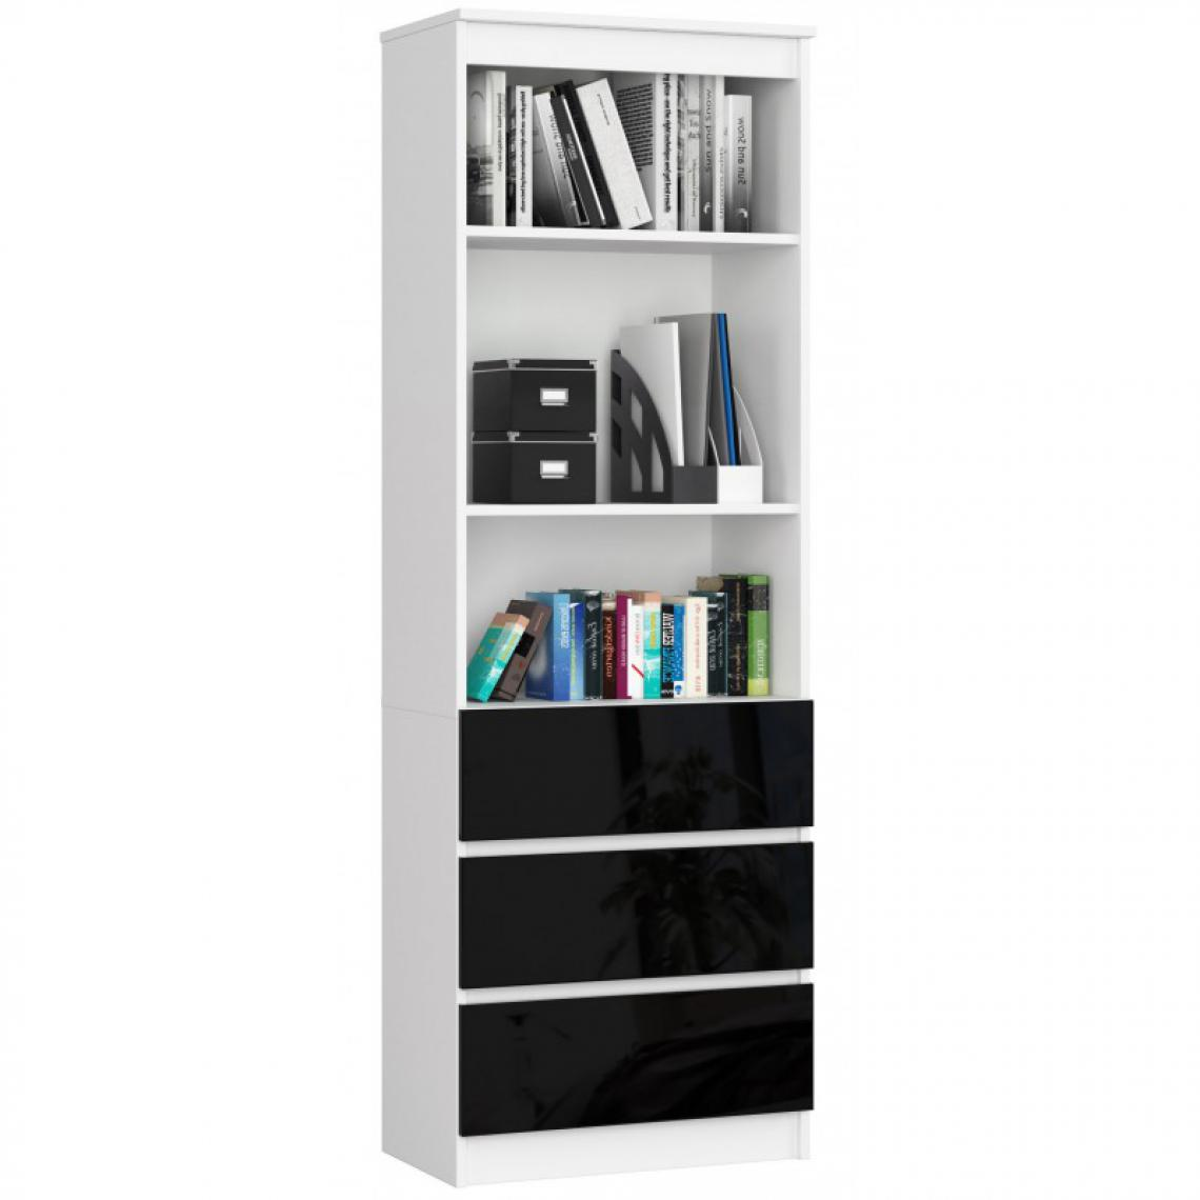 Hucoco CARLO - Grande bibliothèque moderne - 2 étagères + 3 tiroirs - 180x60x35cm - Rangement livres/déco - Noir